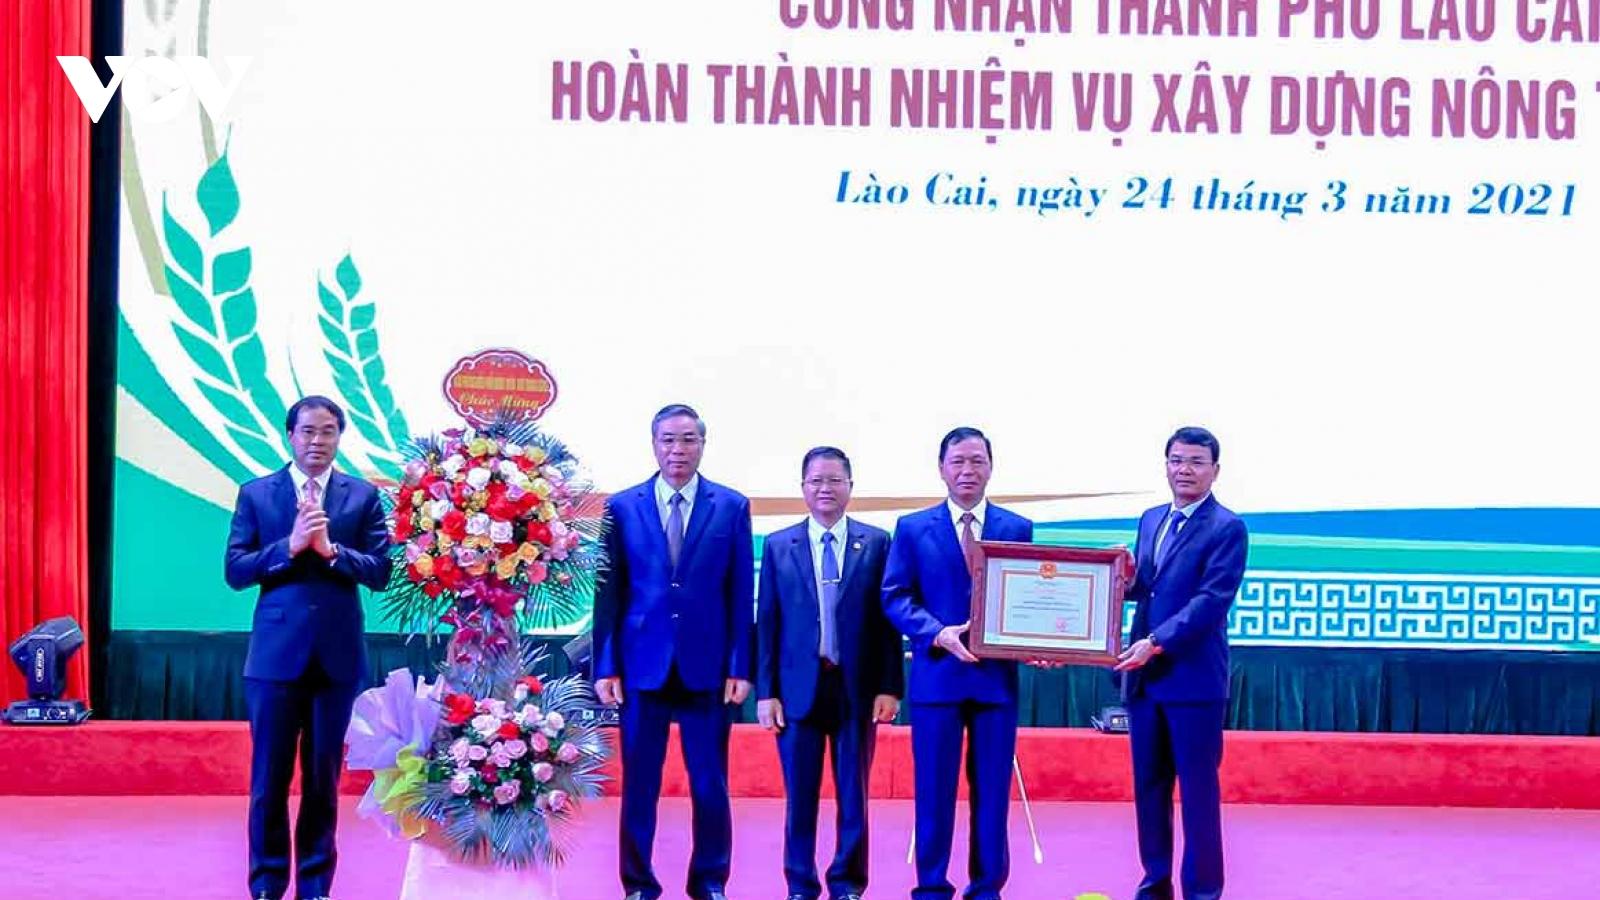 Thành phố Lào Cai hoàn thành nhiệm vụ xây dựng nông thôn mới